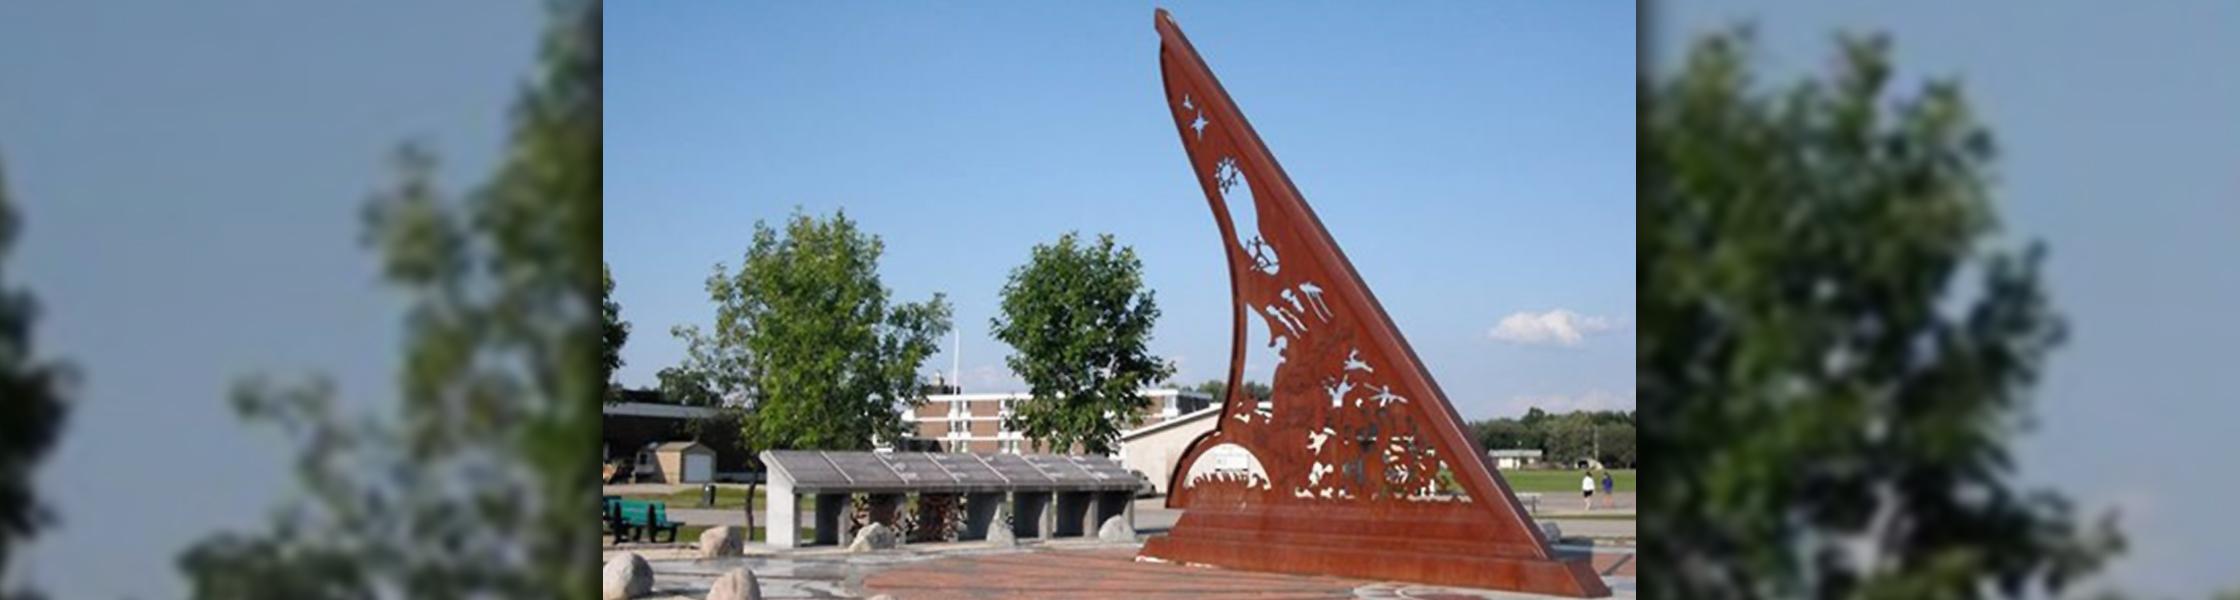 The Sundial in Pinawa, Manitoba